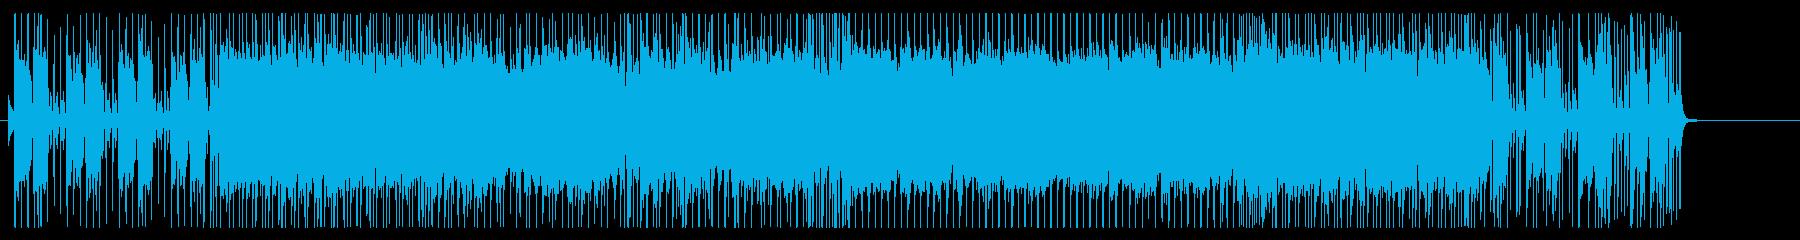 アップテンポのギターロックの再生済みの波形